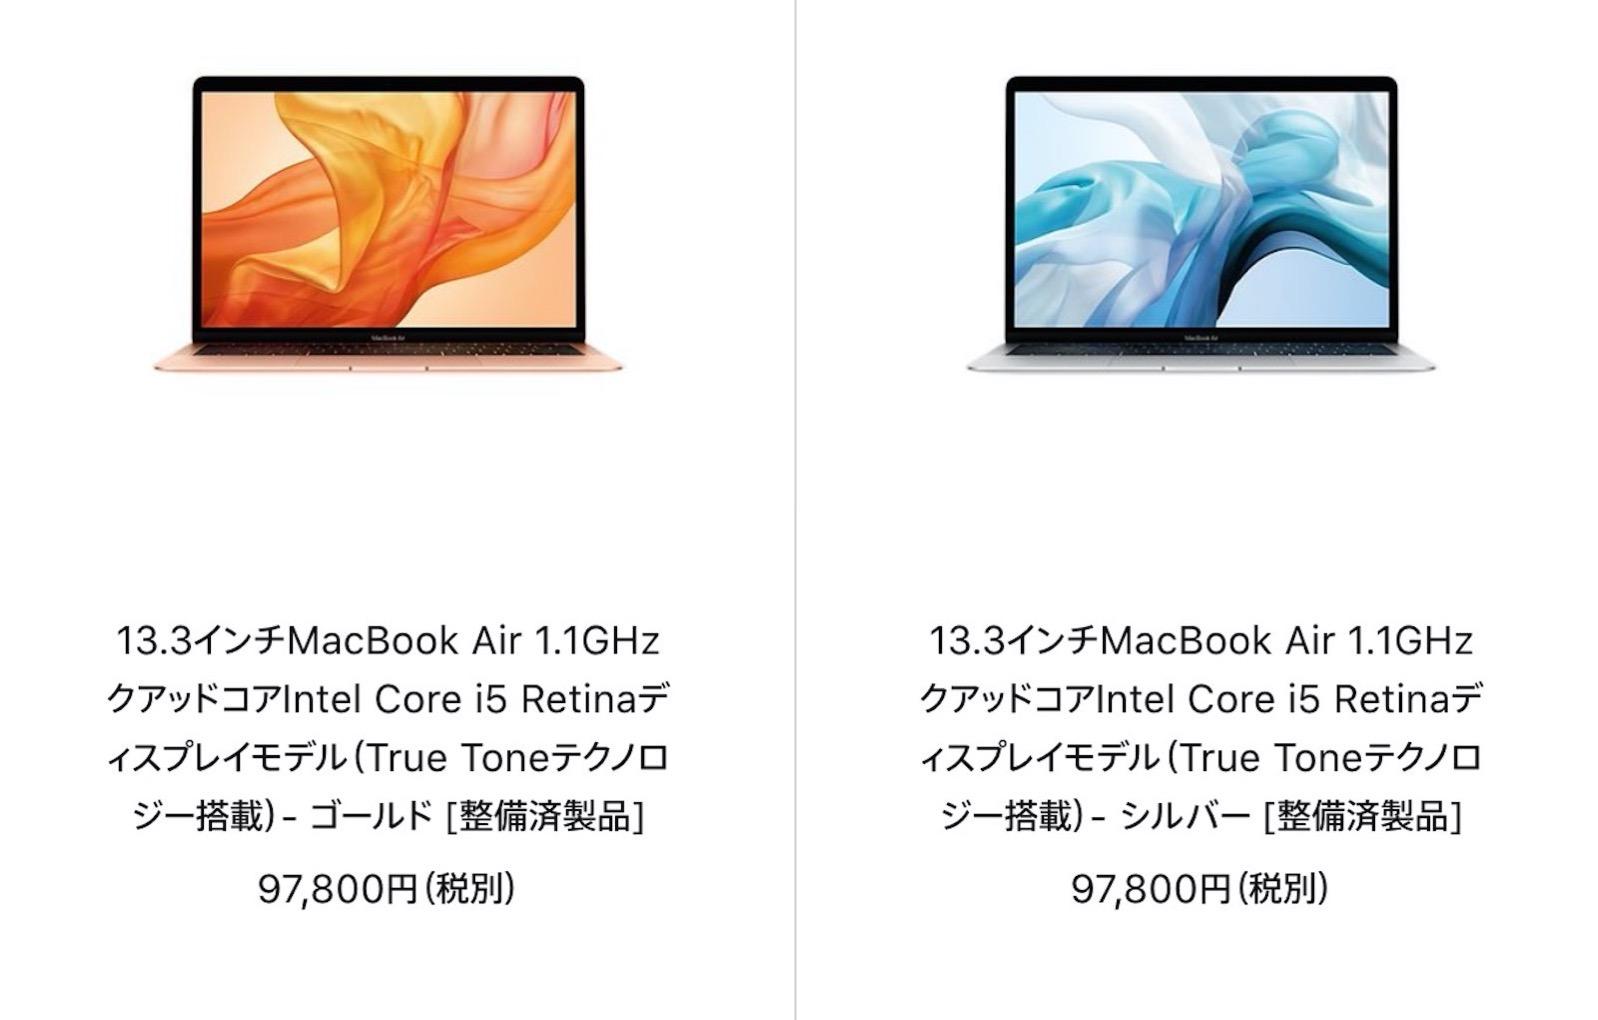 Apple refurbished macbook air 20200731